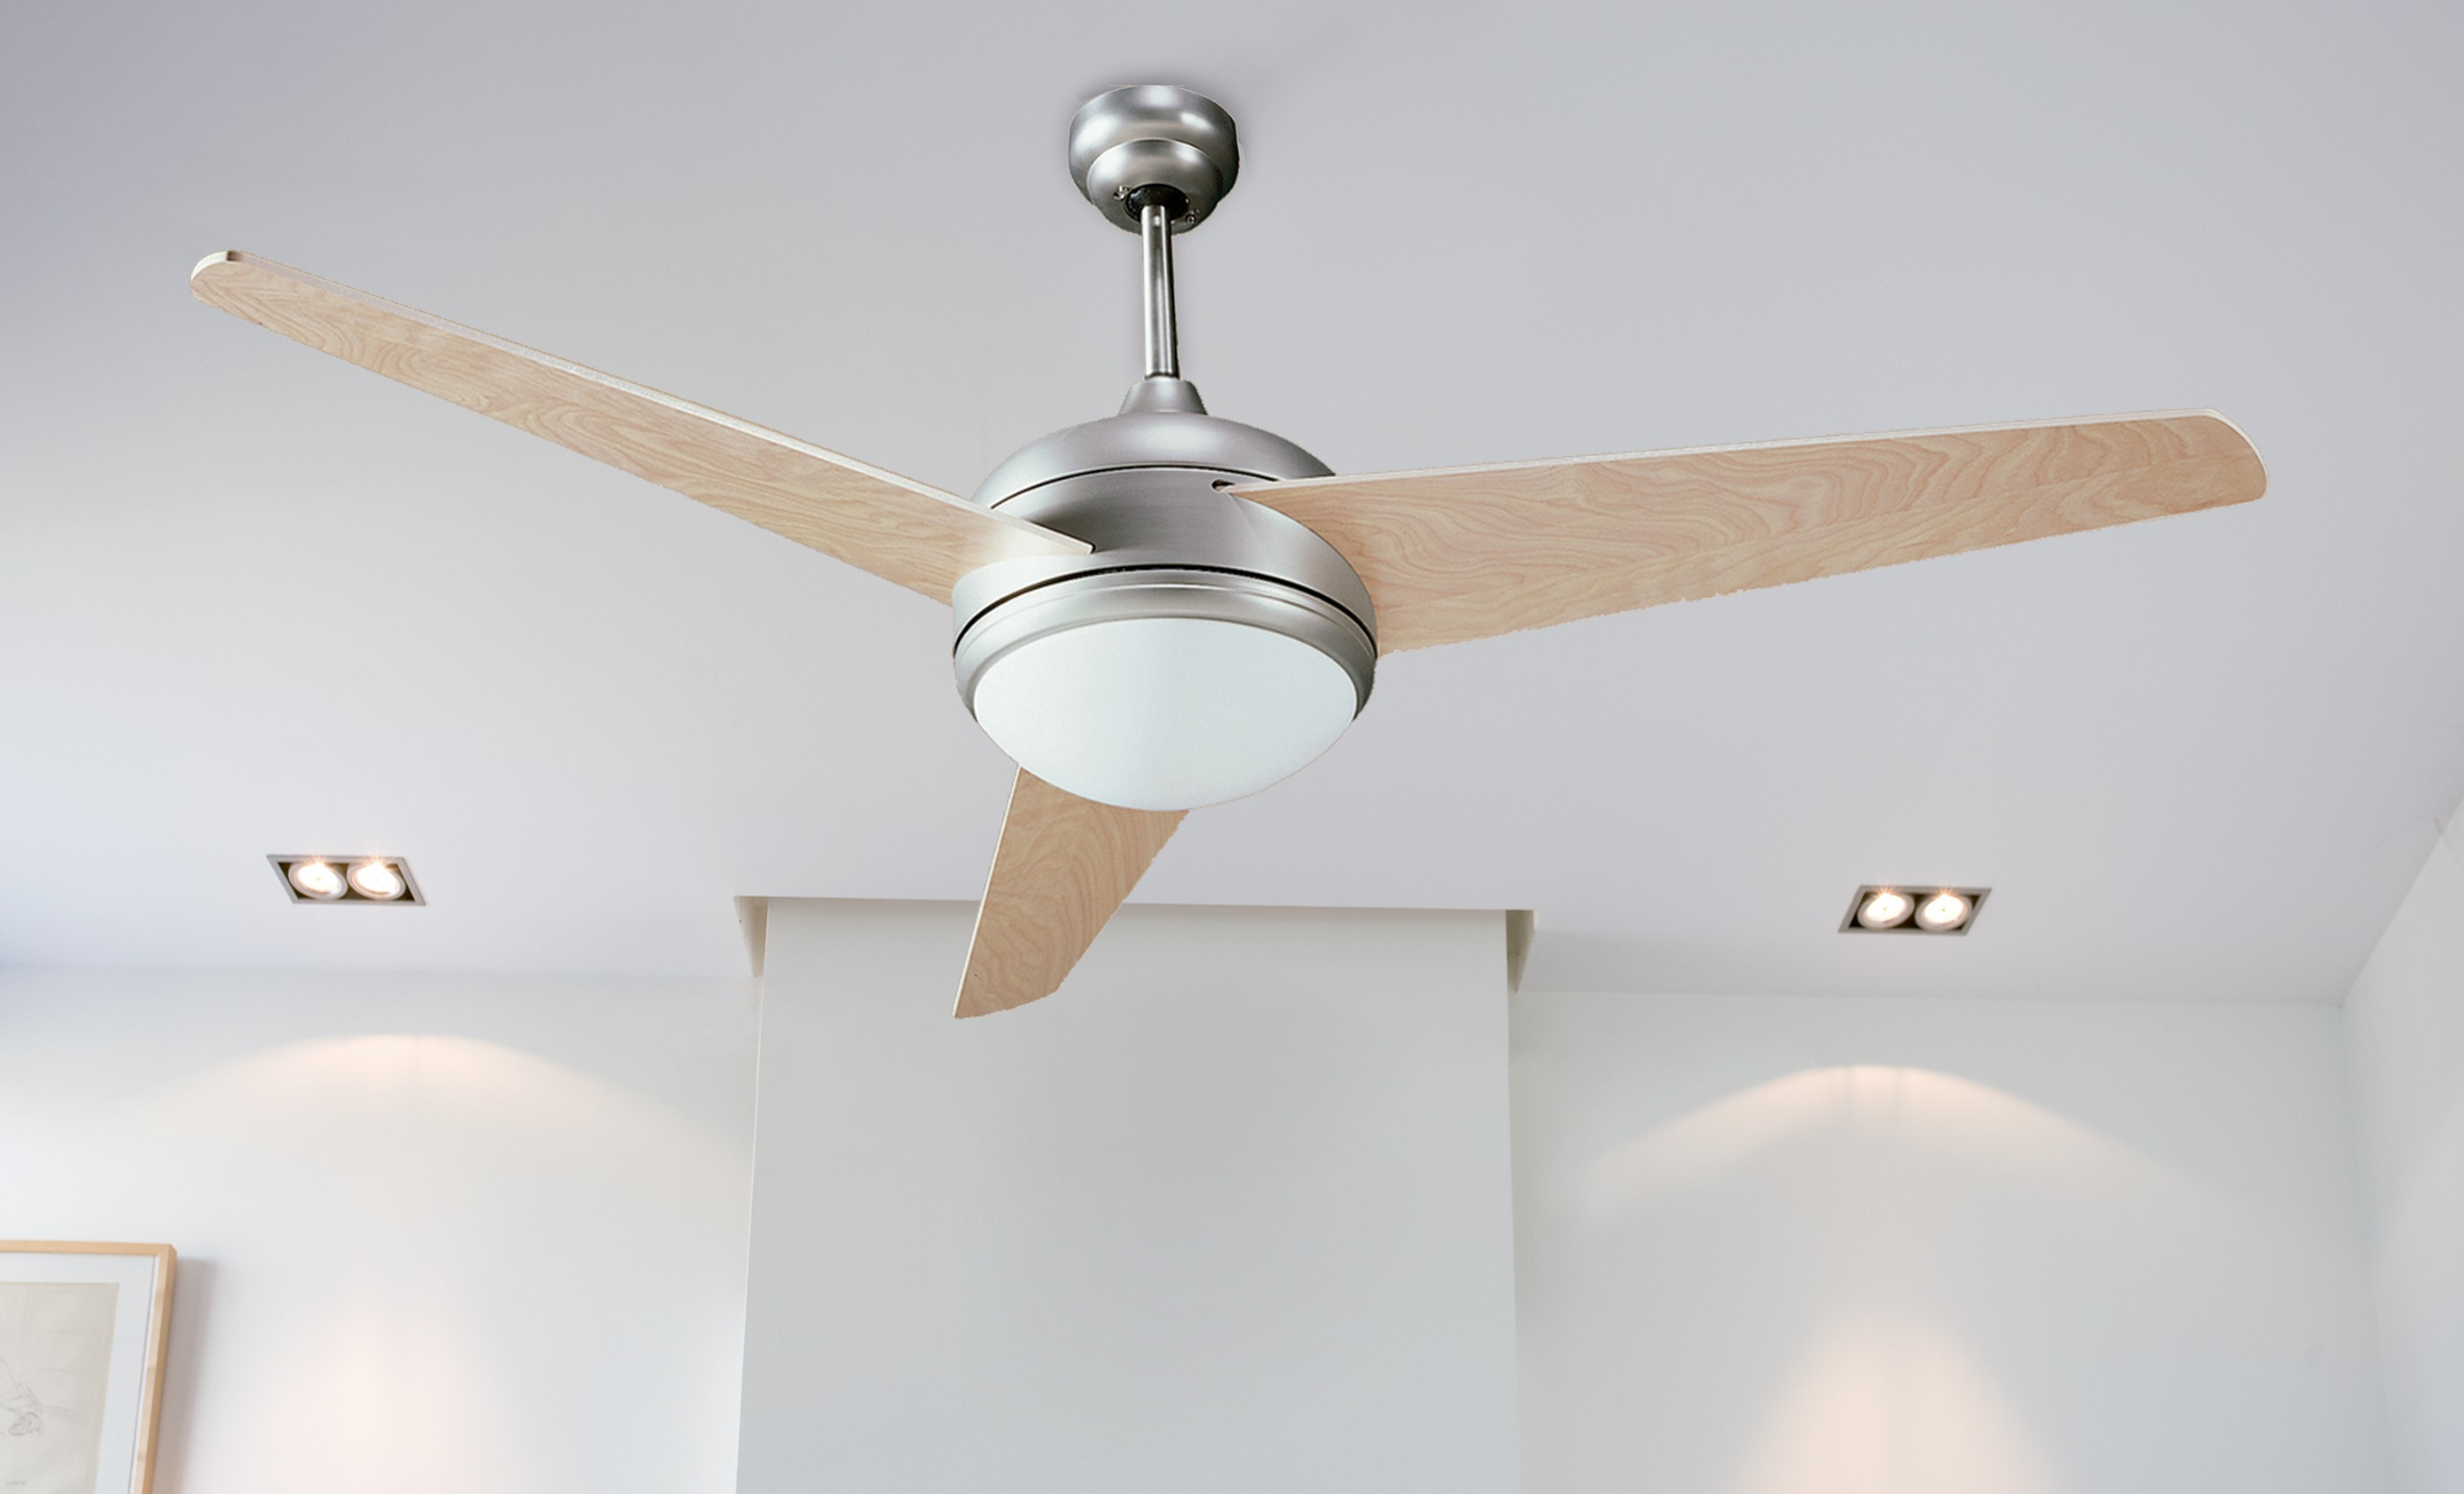 Luz en el techo luz indirecta led bajo falso techo kit de luz para ventilador sin luz winche - Luz de techo ...